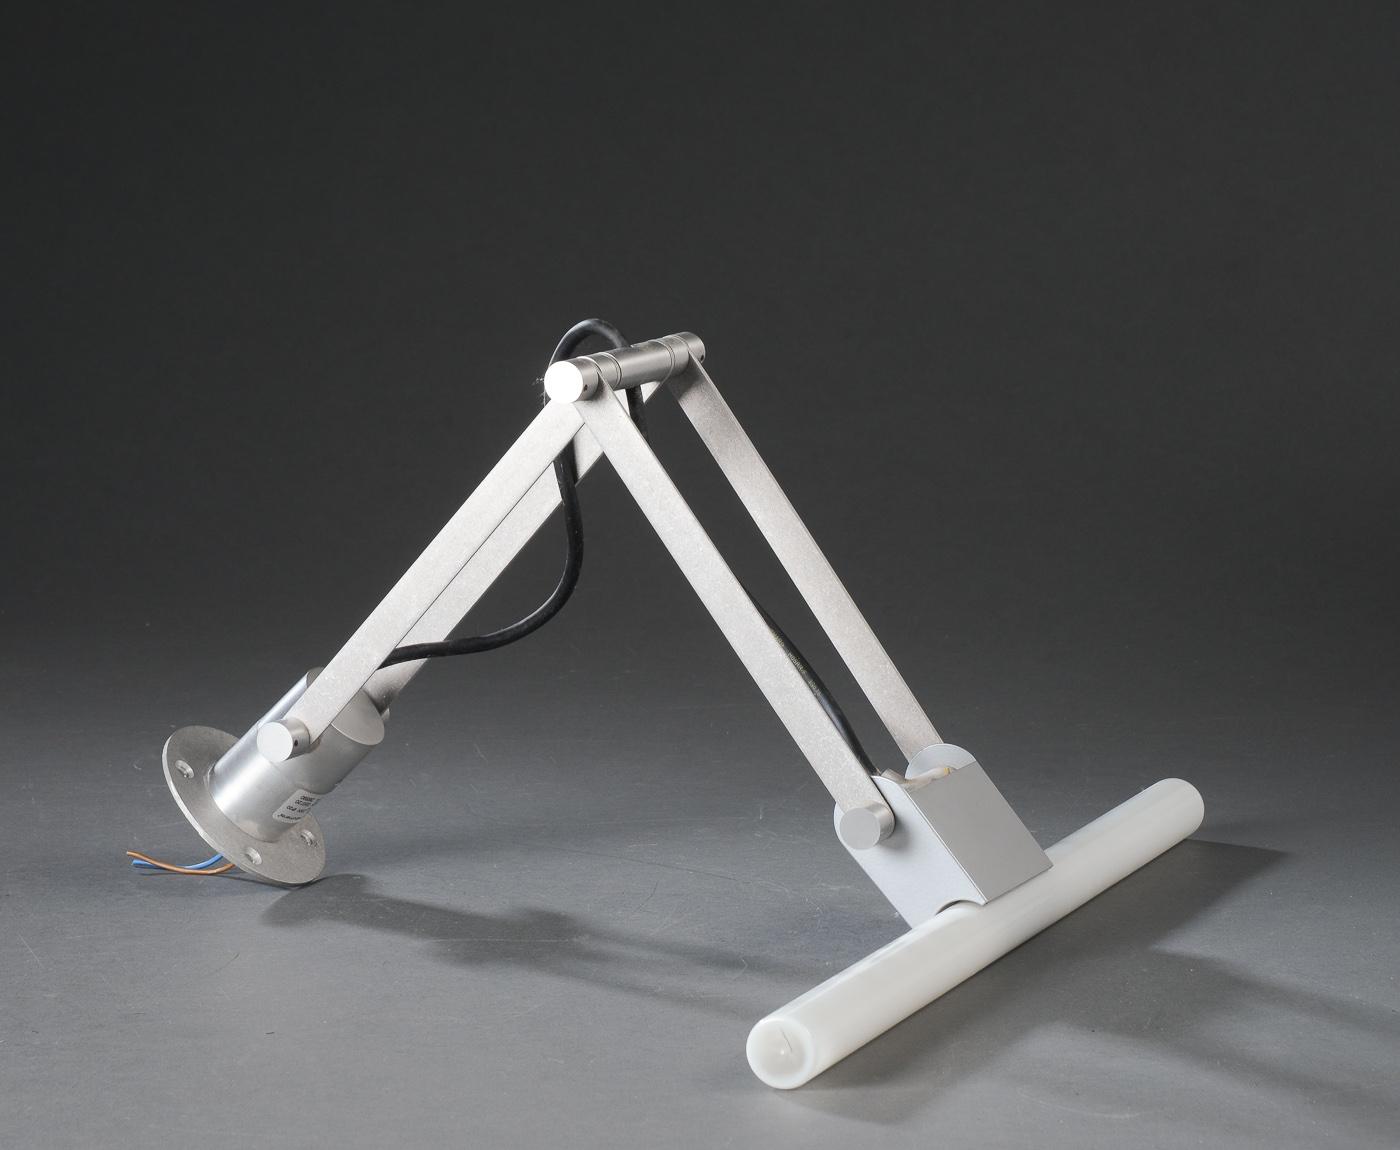 Modular Nomad Lamp : Modular lighting instruments nomad linestra lampe af stål denne